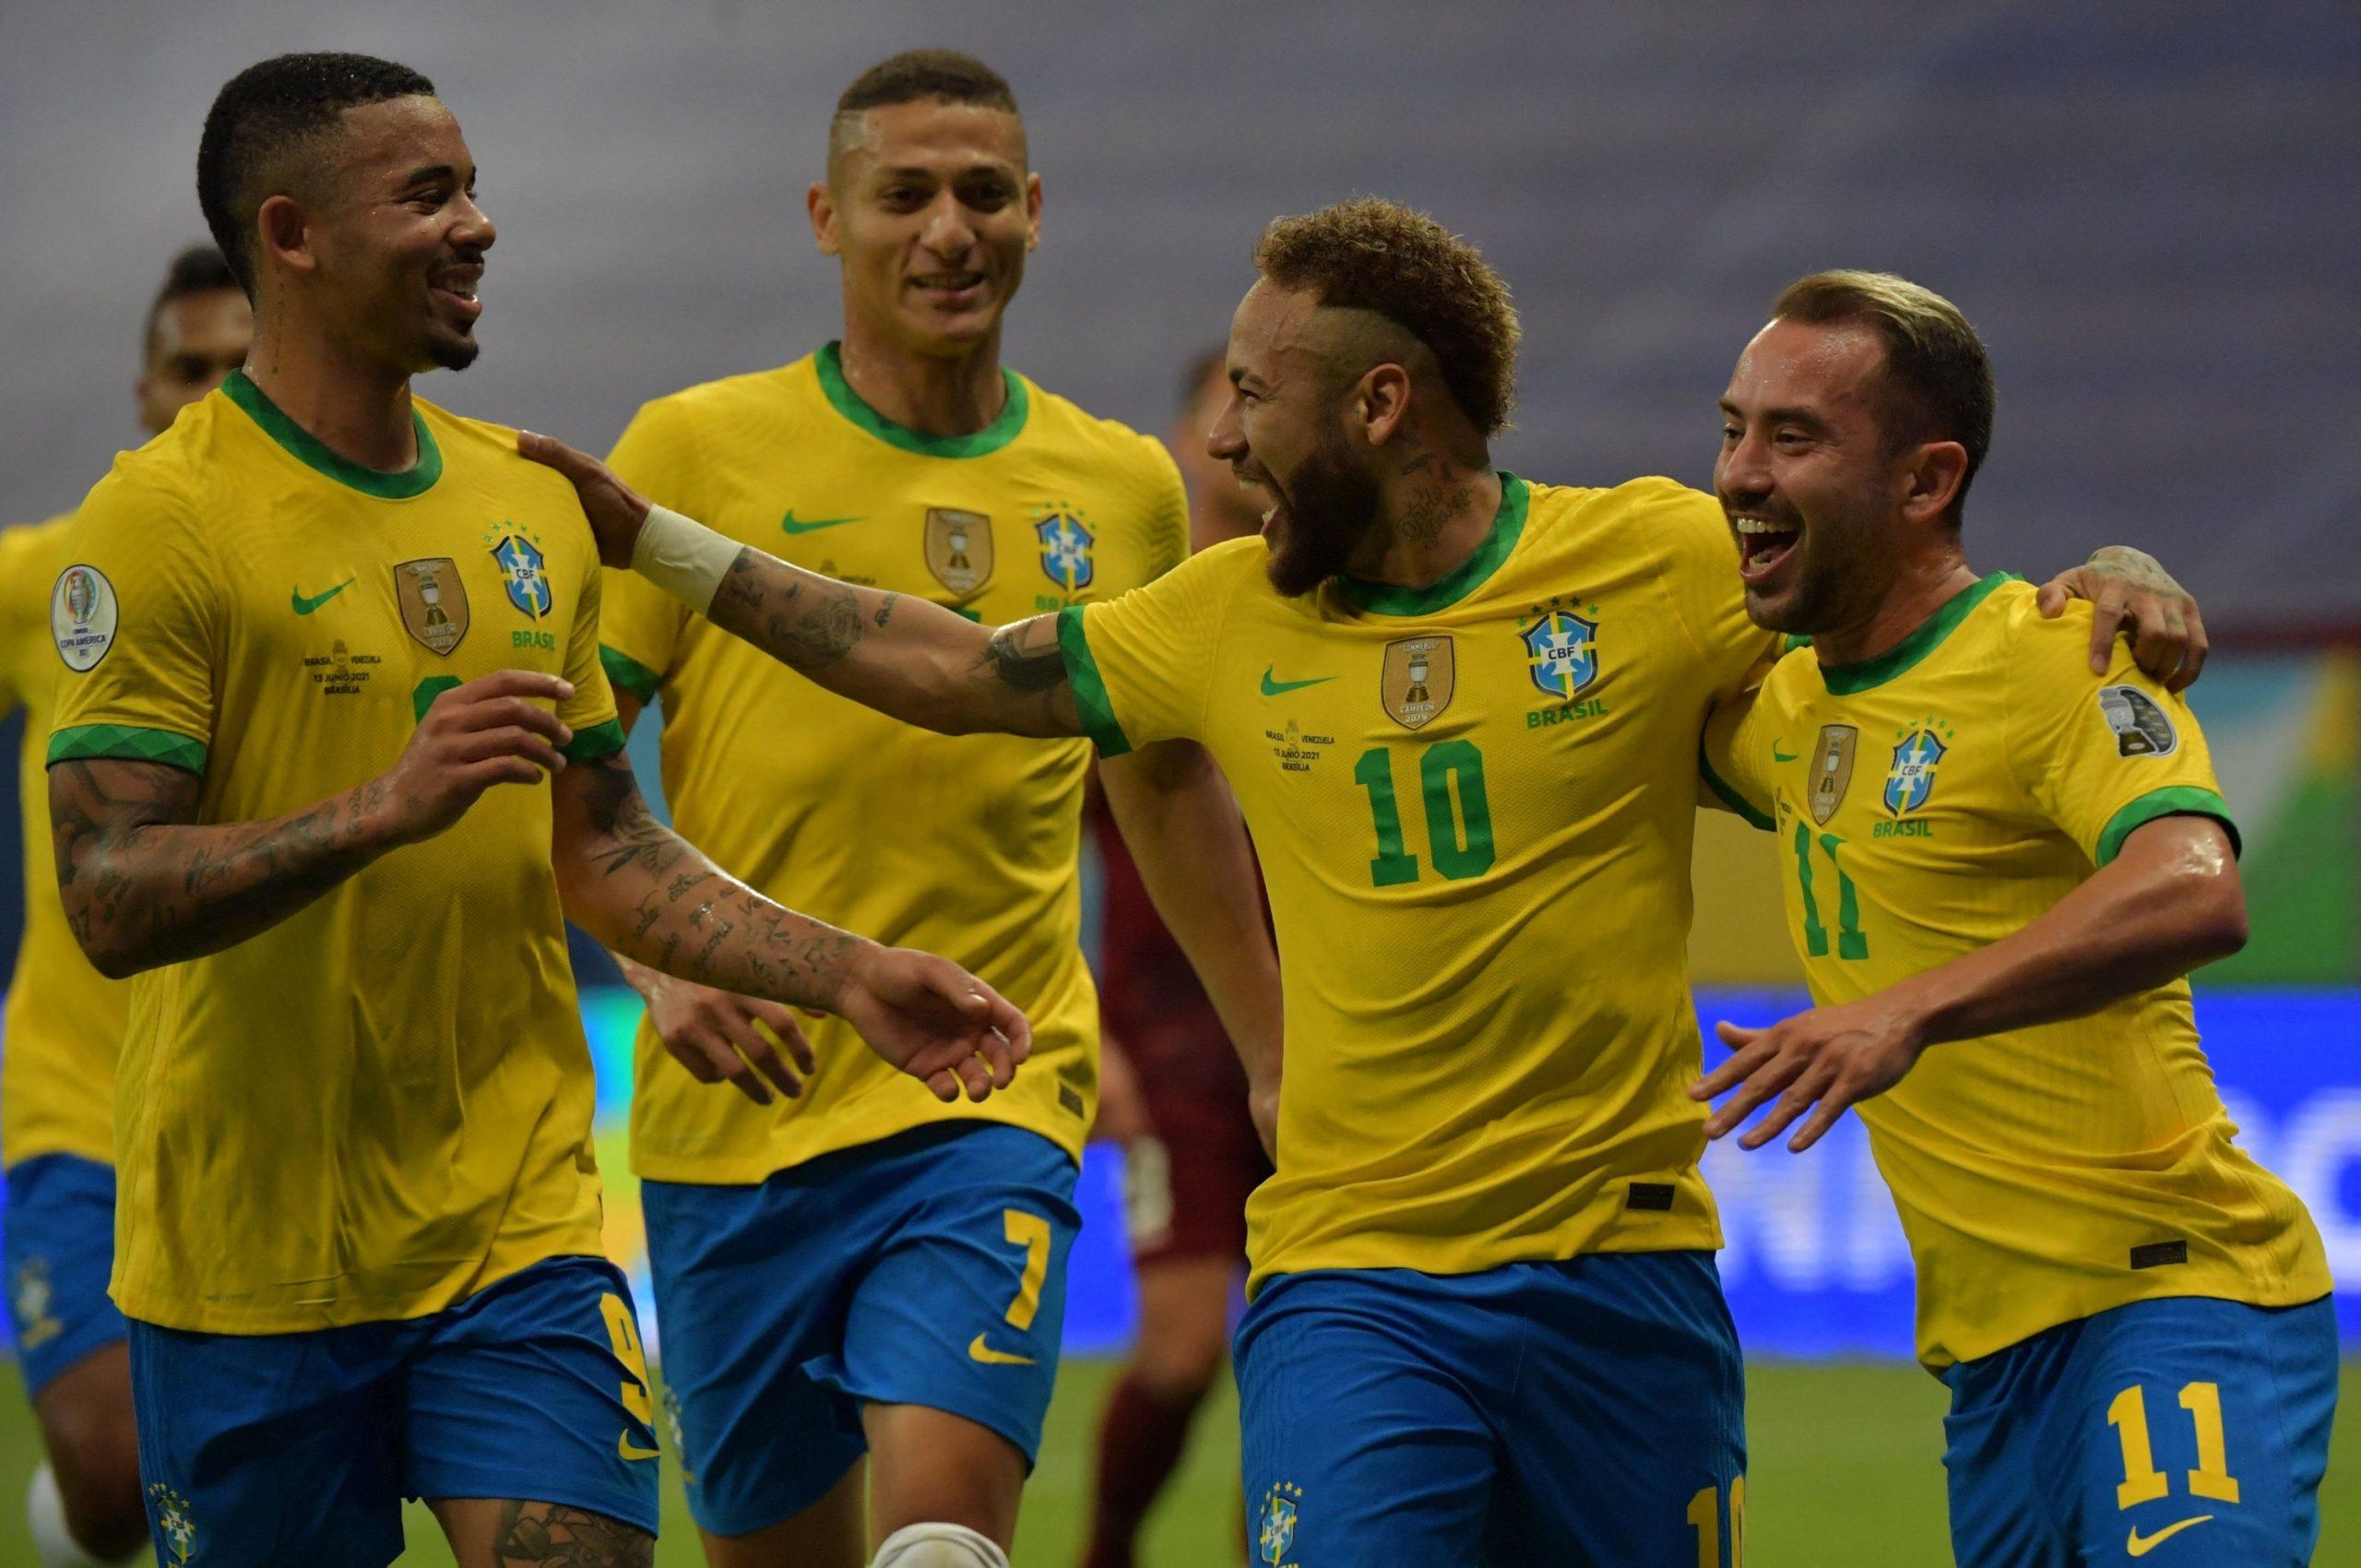 เปิดหัวโคปา! บราซิลเจ้าภาพอัดเวเนซุเอลา 3-0